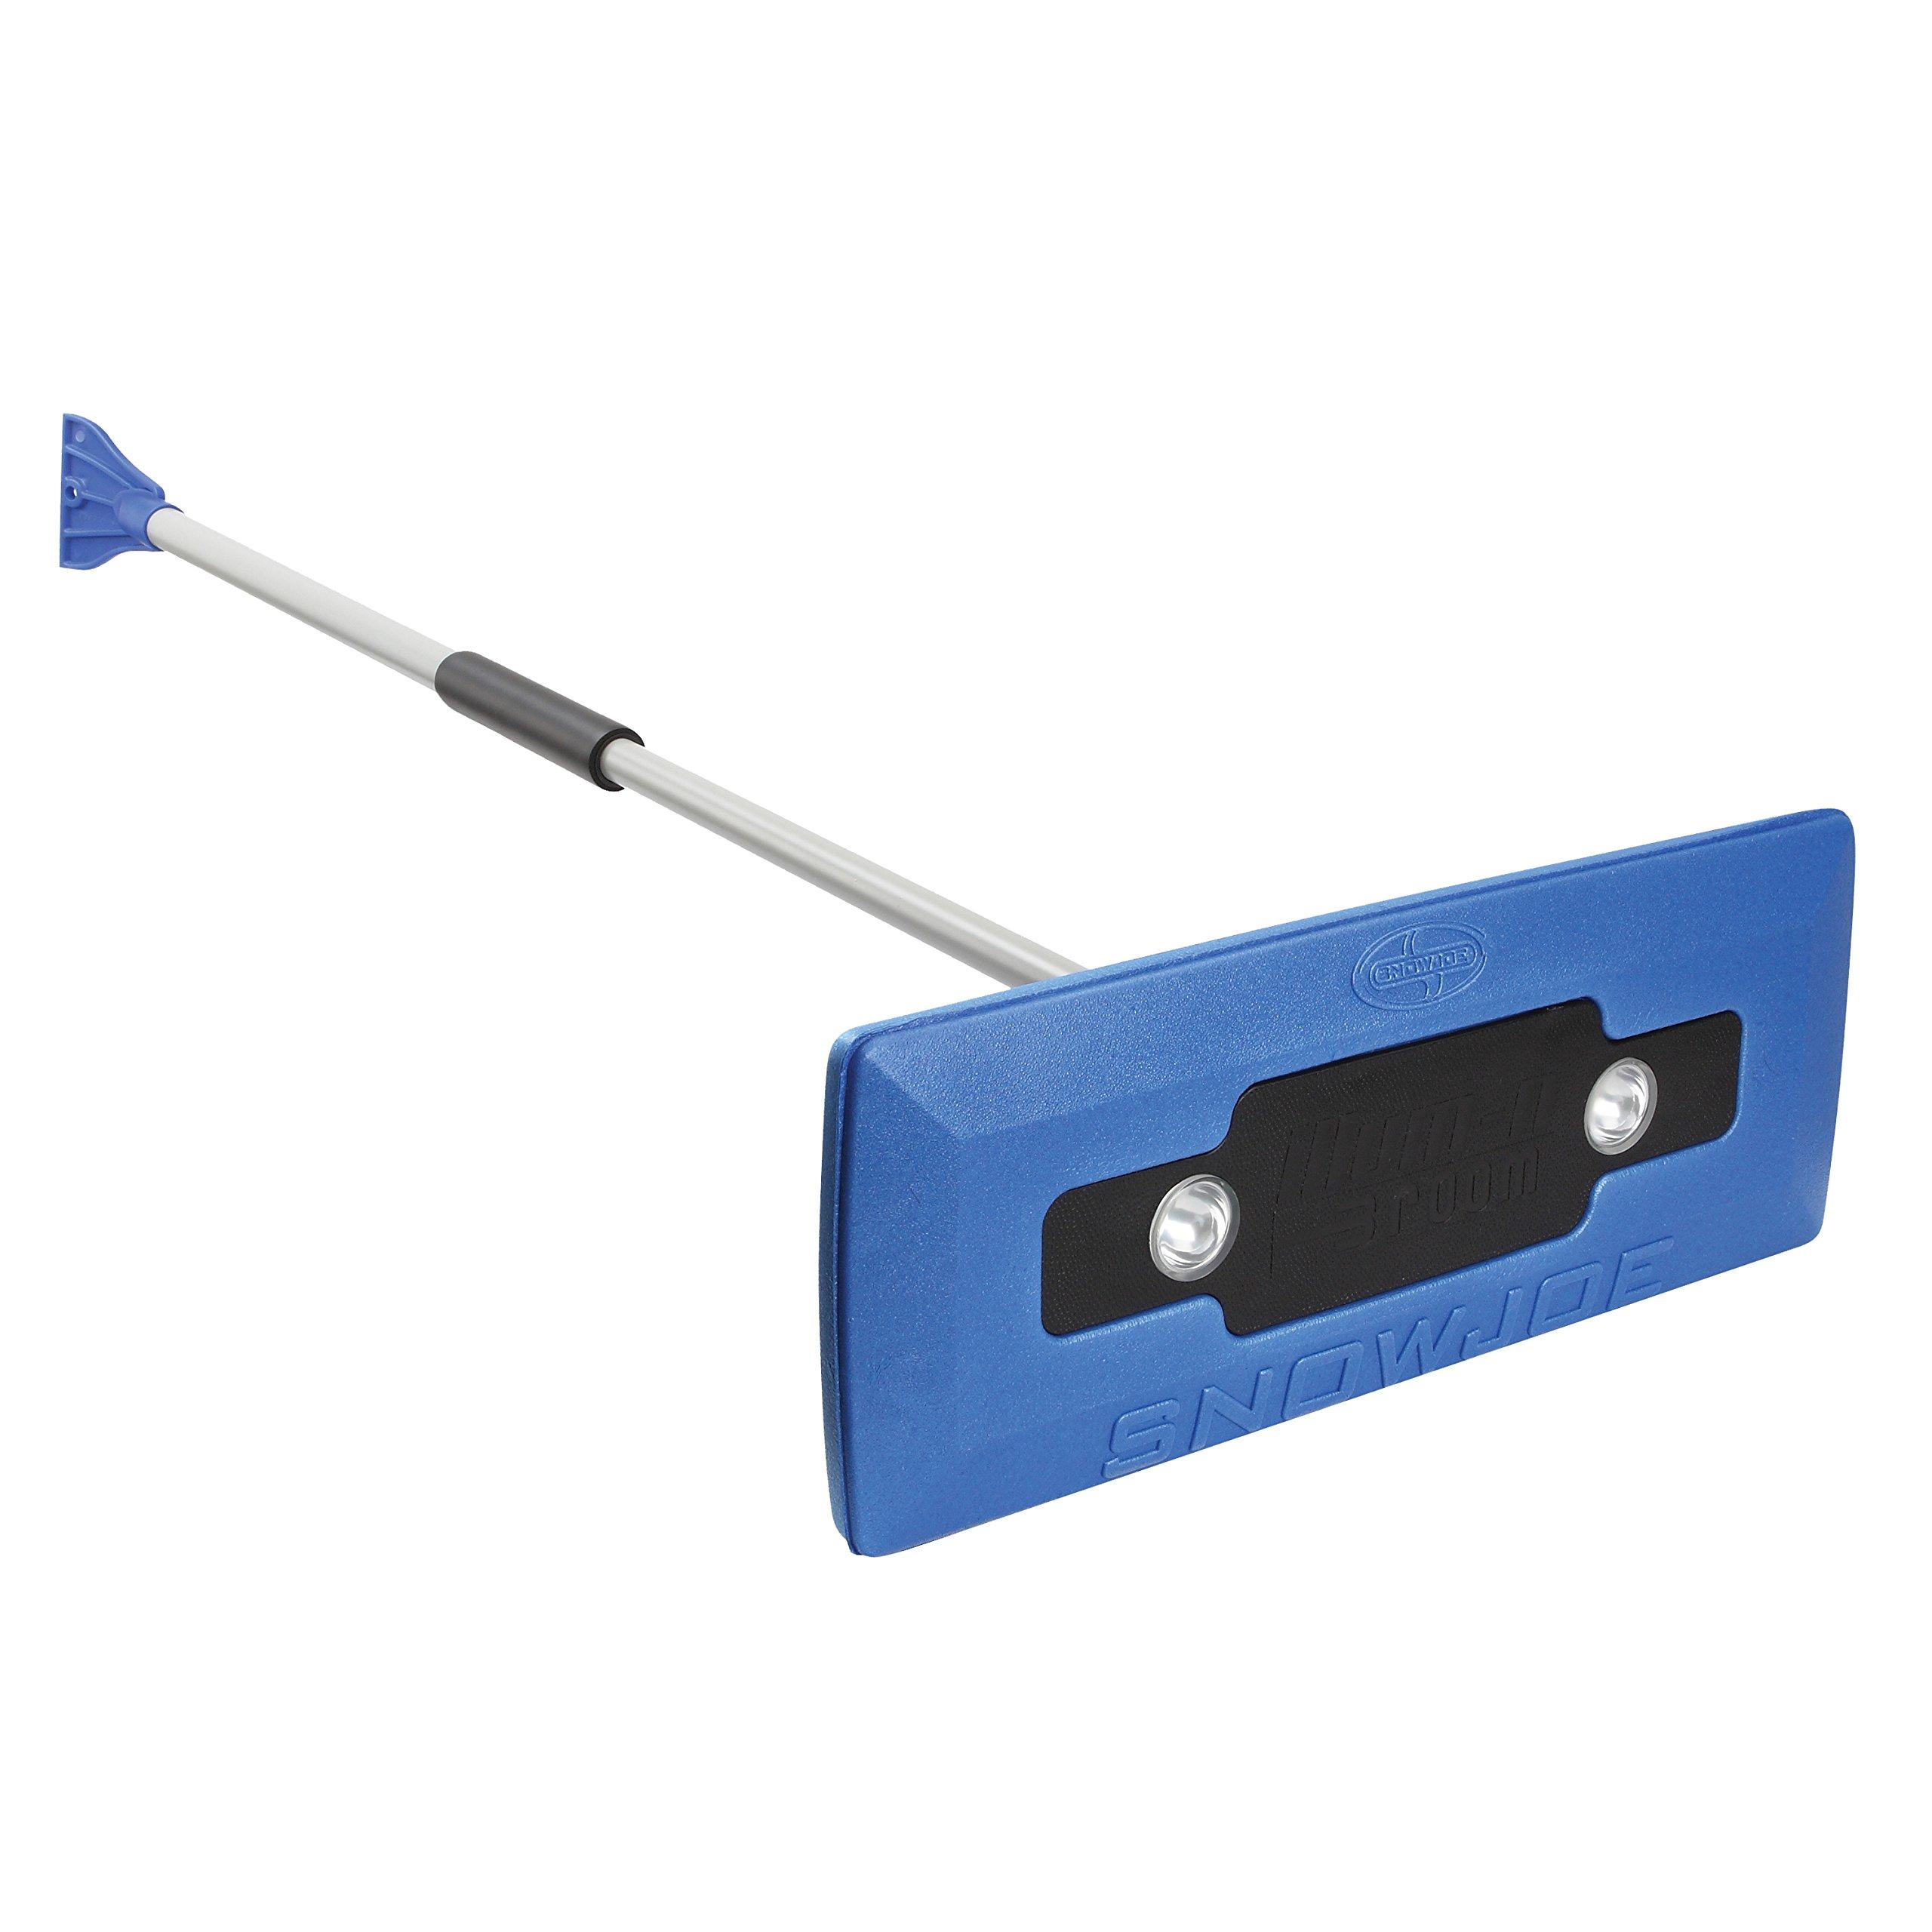 Snow Joe SJBLZD-LED Illum-n-Broom LED Lighted 4-in-1 Snow Broom Plus Ice Scraper